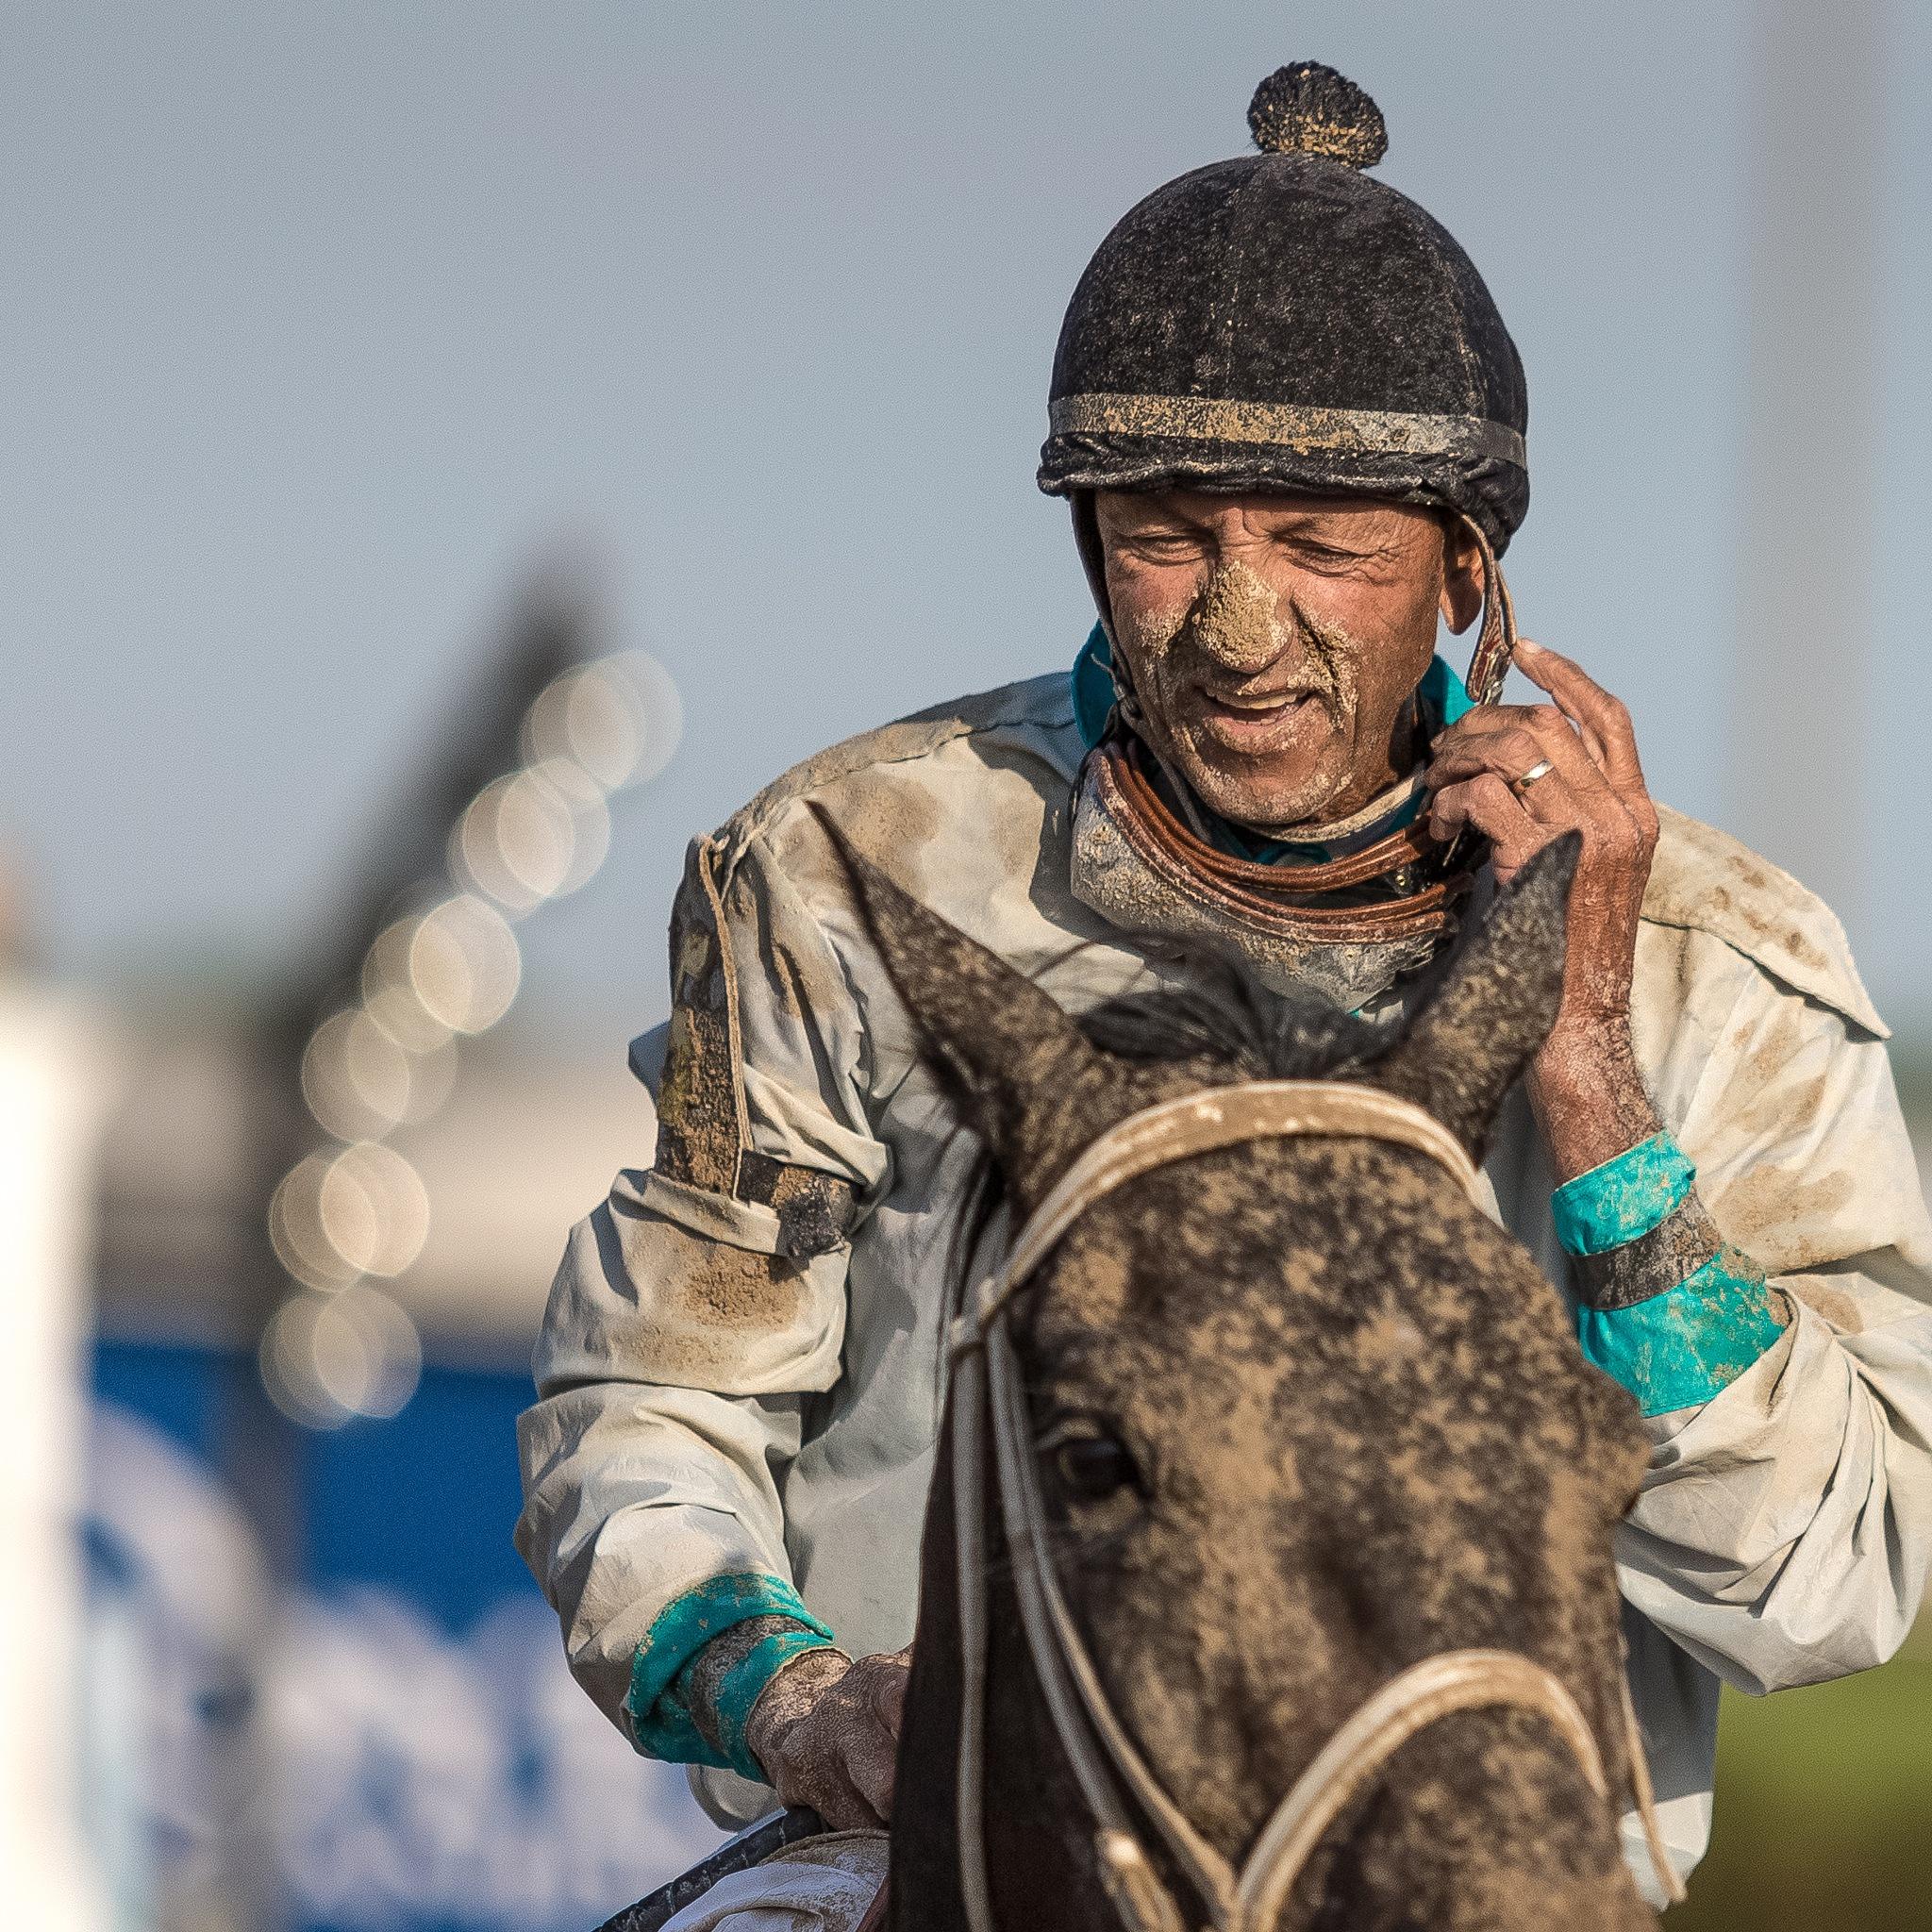 Losing Jockey by Zach Graber